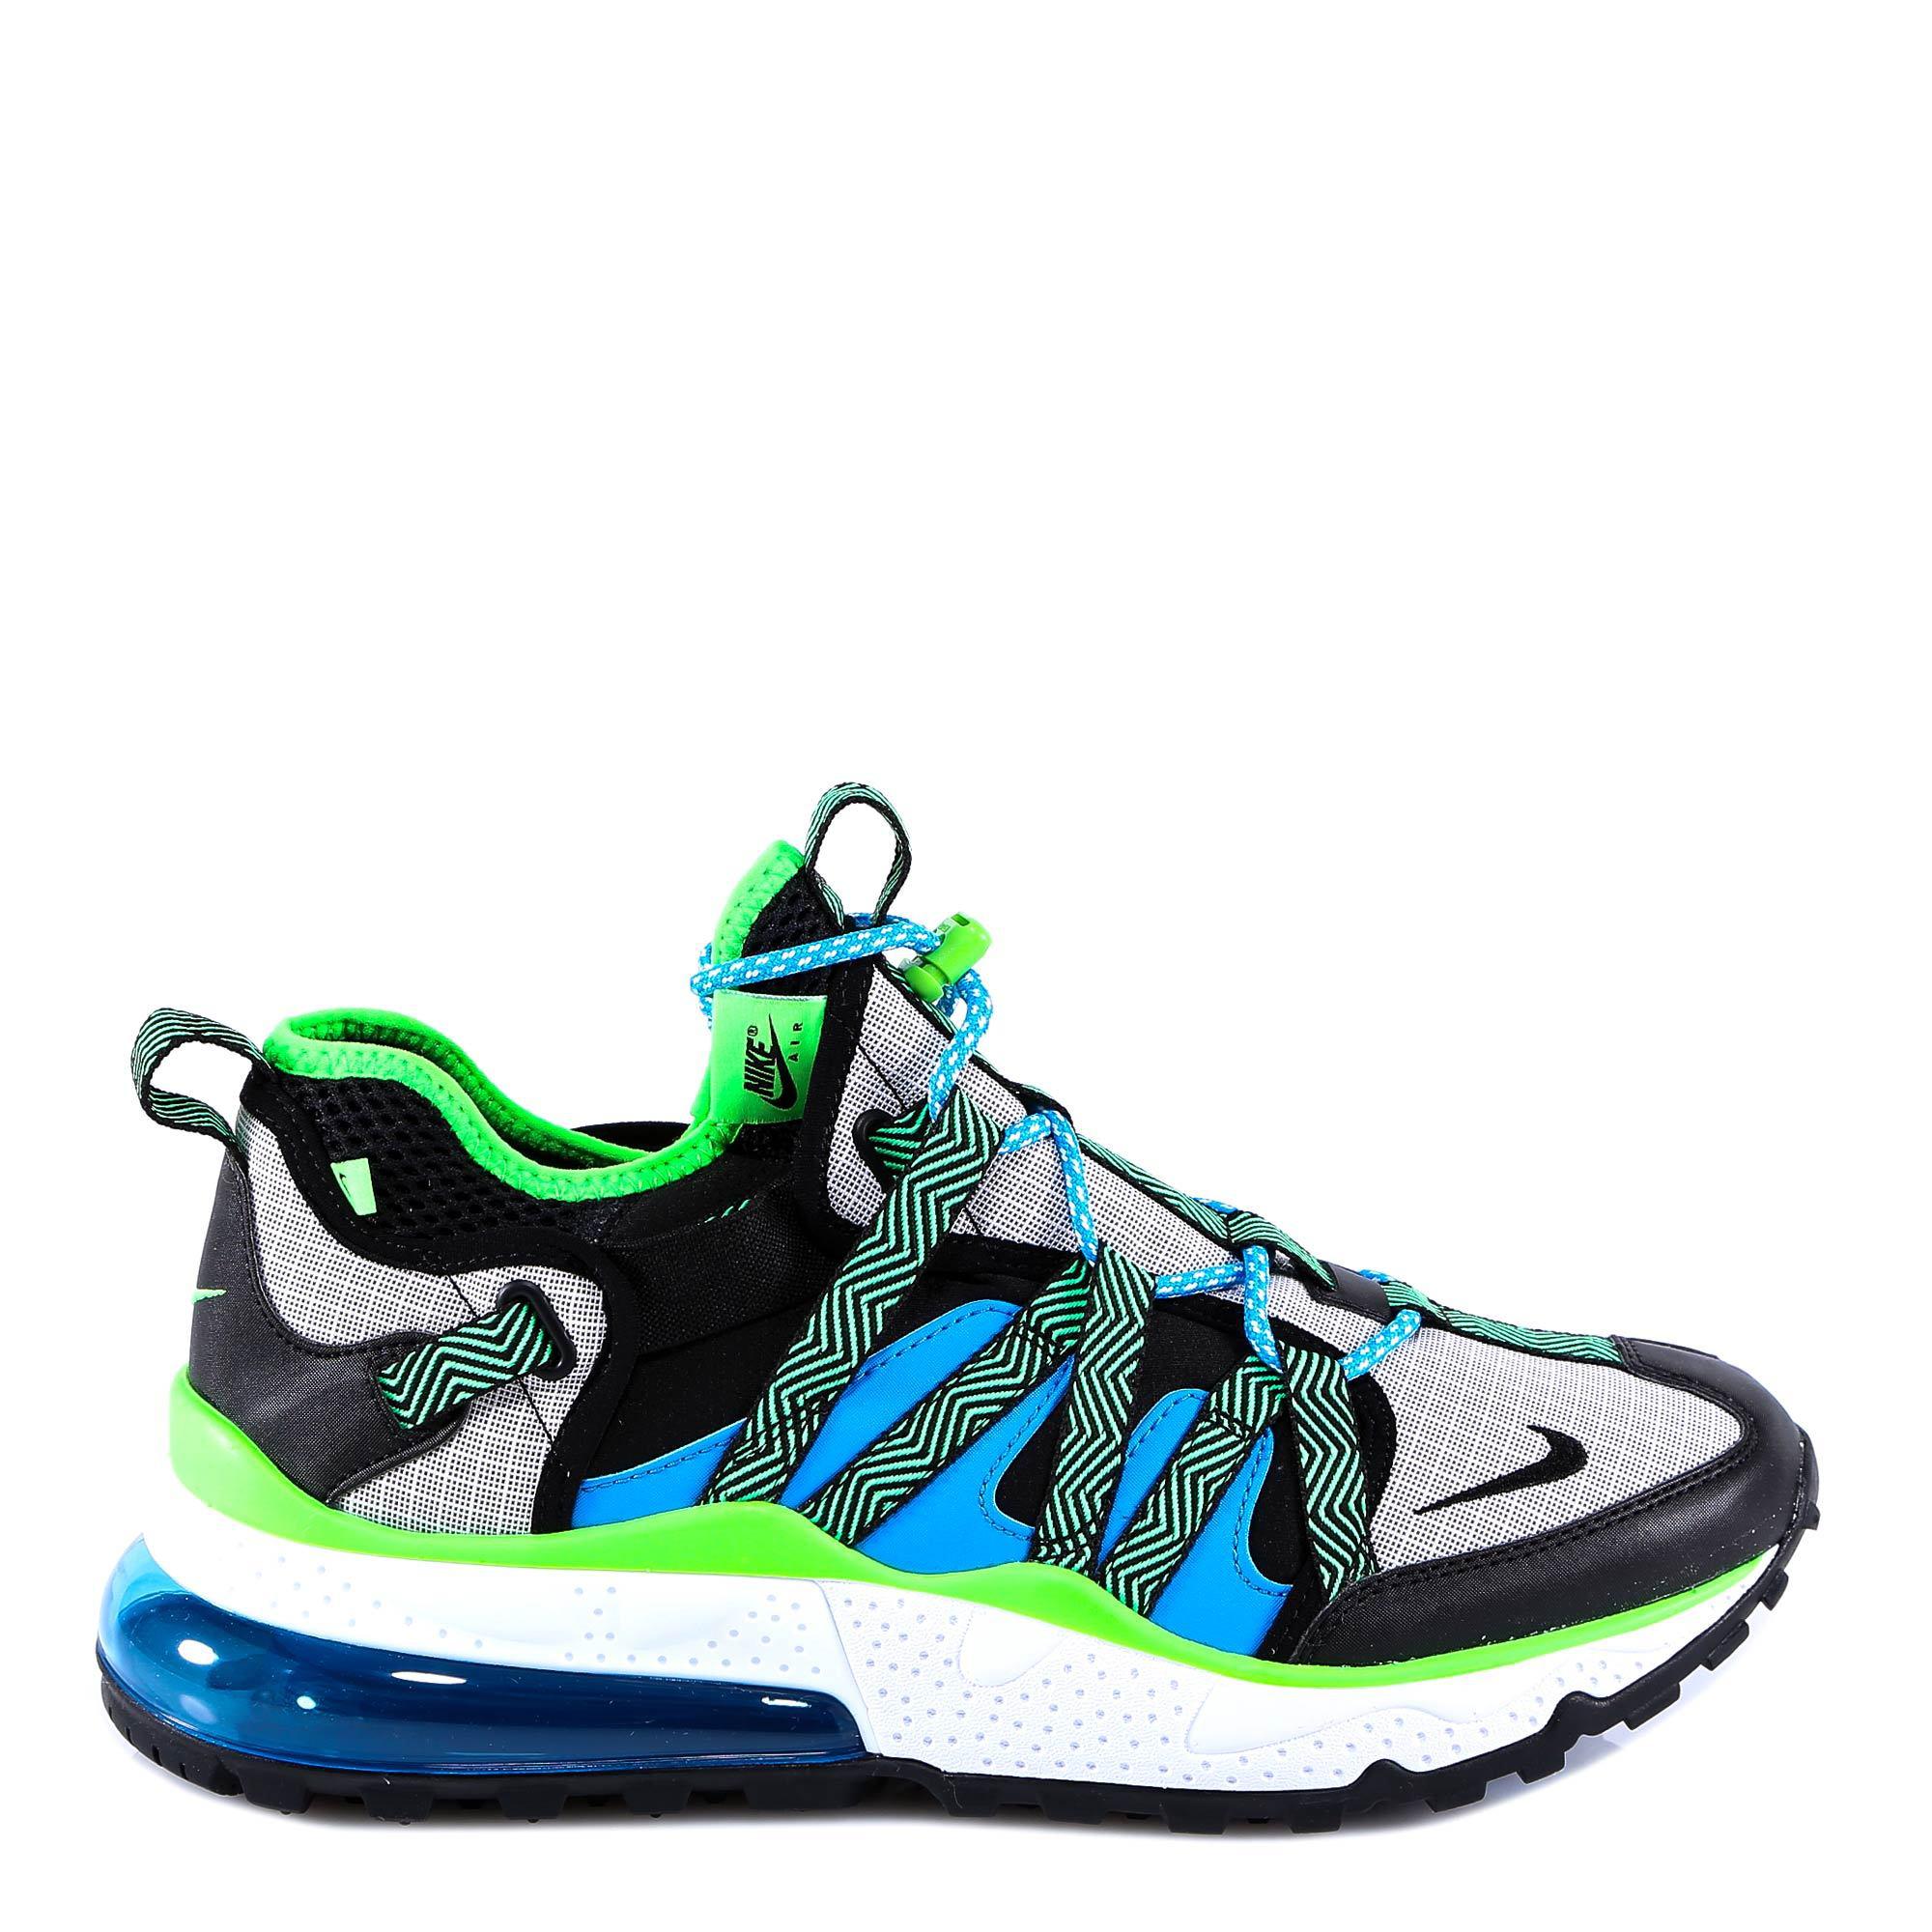 7dac4f224ac Nike Men s Air Max 270 Bowfin Casual Shoes